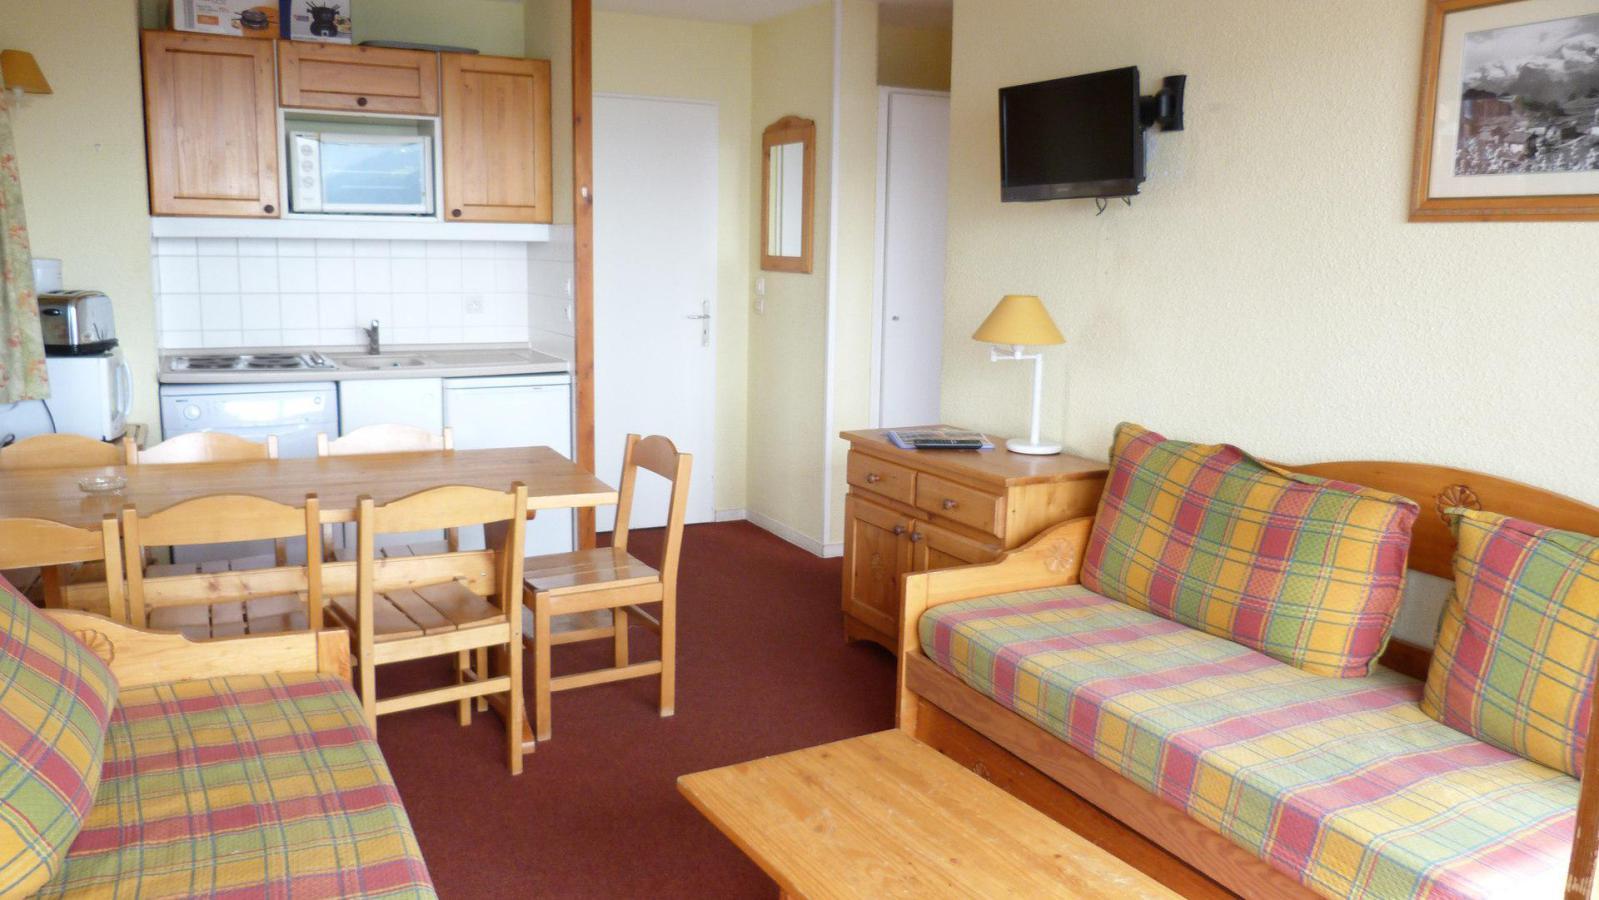 Location au ski Appartement 3 pièces 6 personnes (508) - Residence Le Ruitor - Les Arcs - Séjour